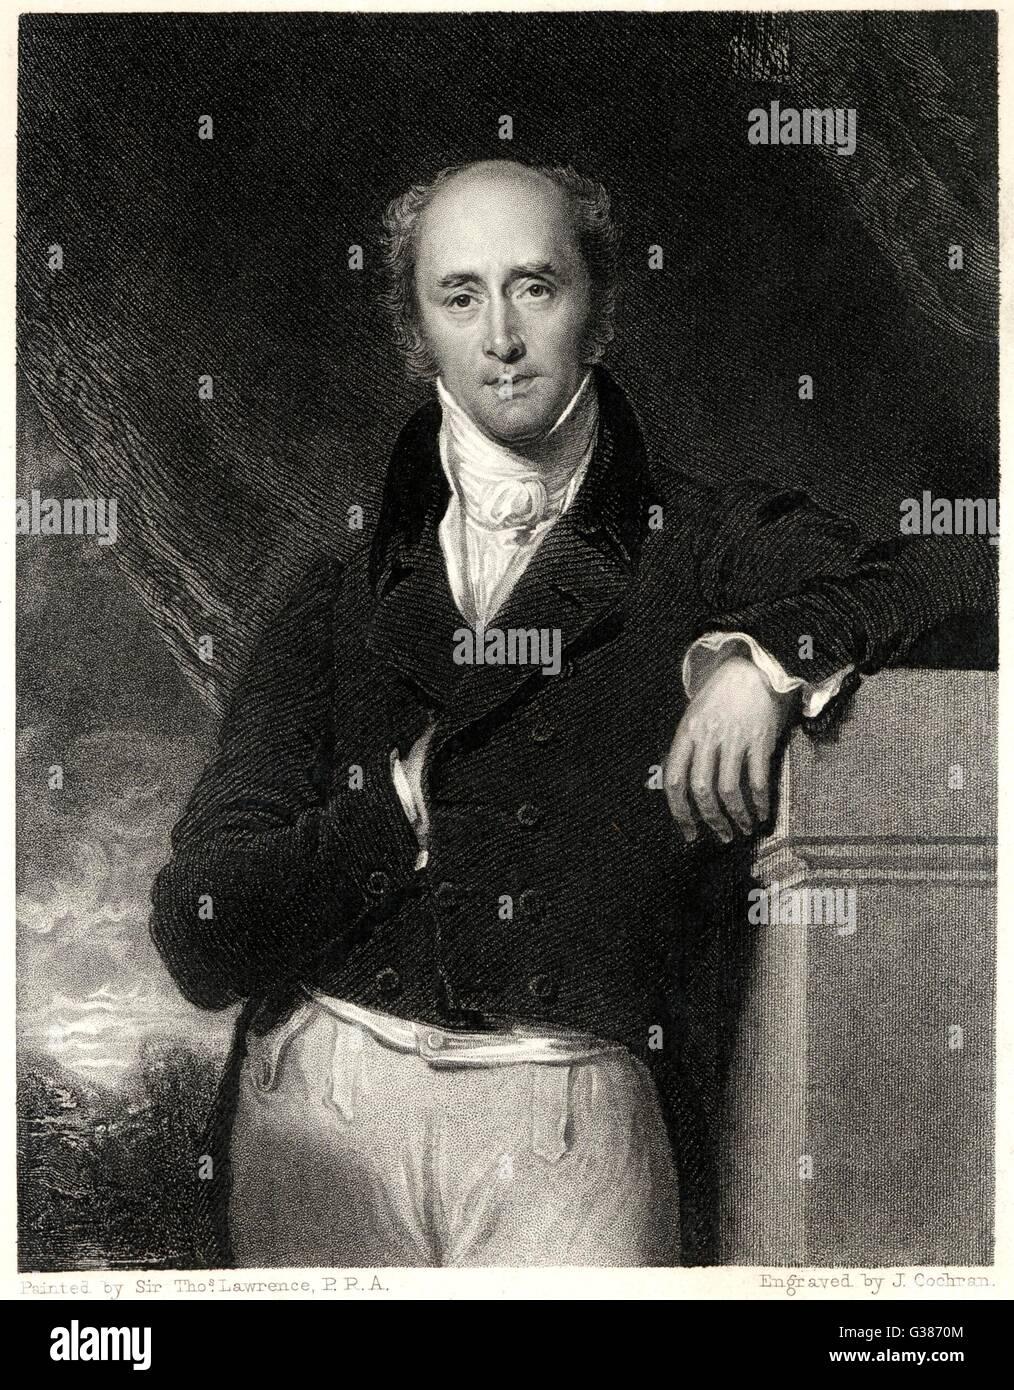 Diritto onorevoli Charles Grey 2ND Earl Grey membro del Parlamento data: 1764 - 1845 Immagini Stock